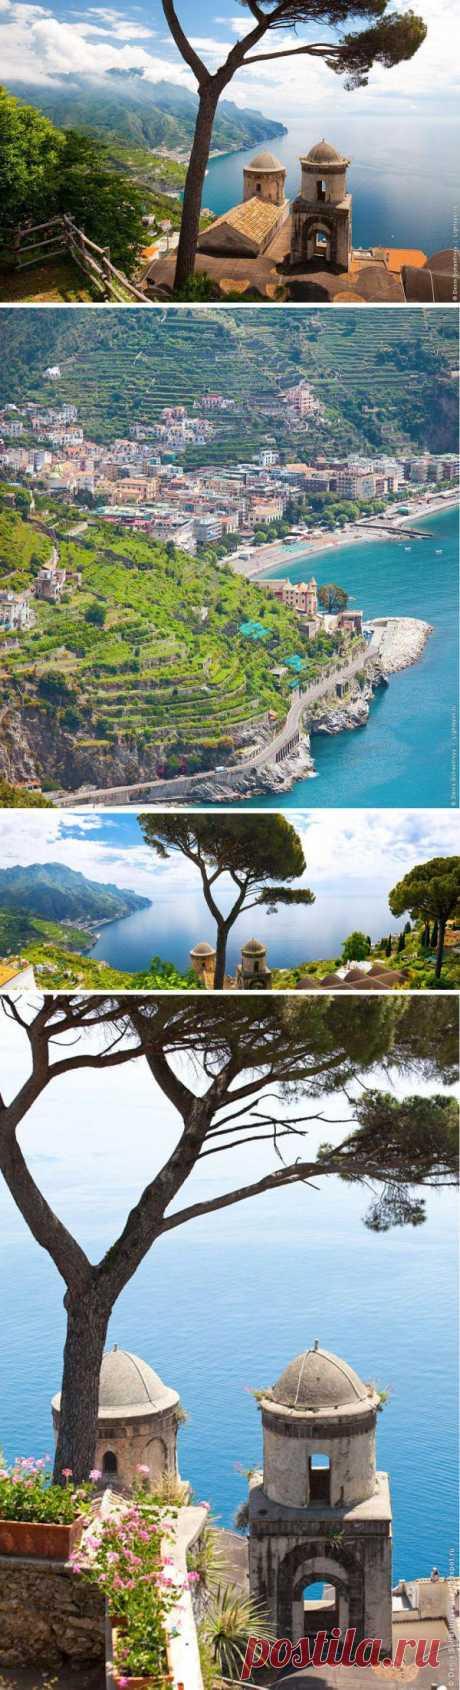 """Одна из жемчужин Амальфийского побережья. Красоты и расположение этого курорта привлекало очень много людей творческих профессий. Поэт Андре Жид охарактеризовал город всего 3 словами - """"Между небом и землей"""". И неспроста, т.к. город Равелло (Италия) находится на высоте 350 метров."""